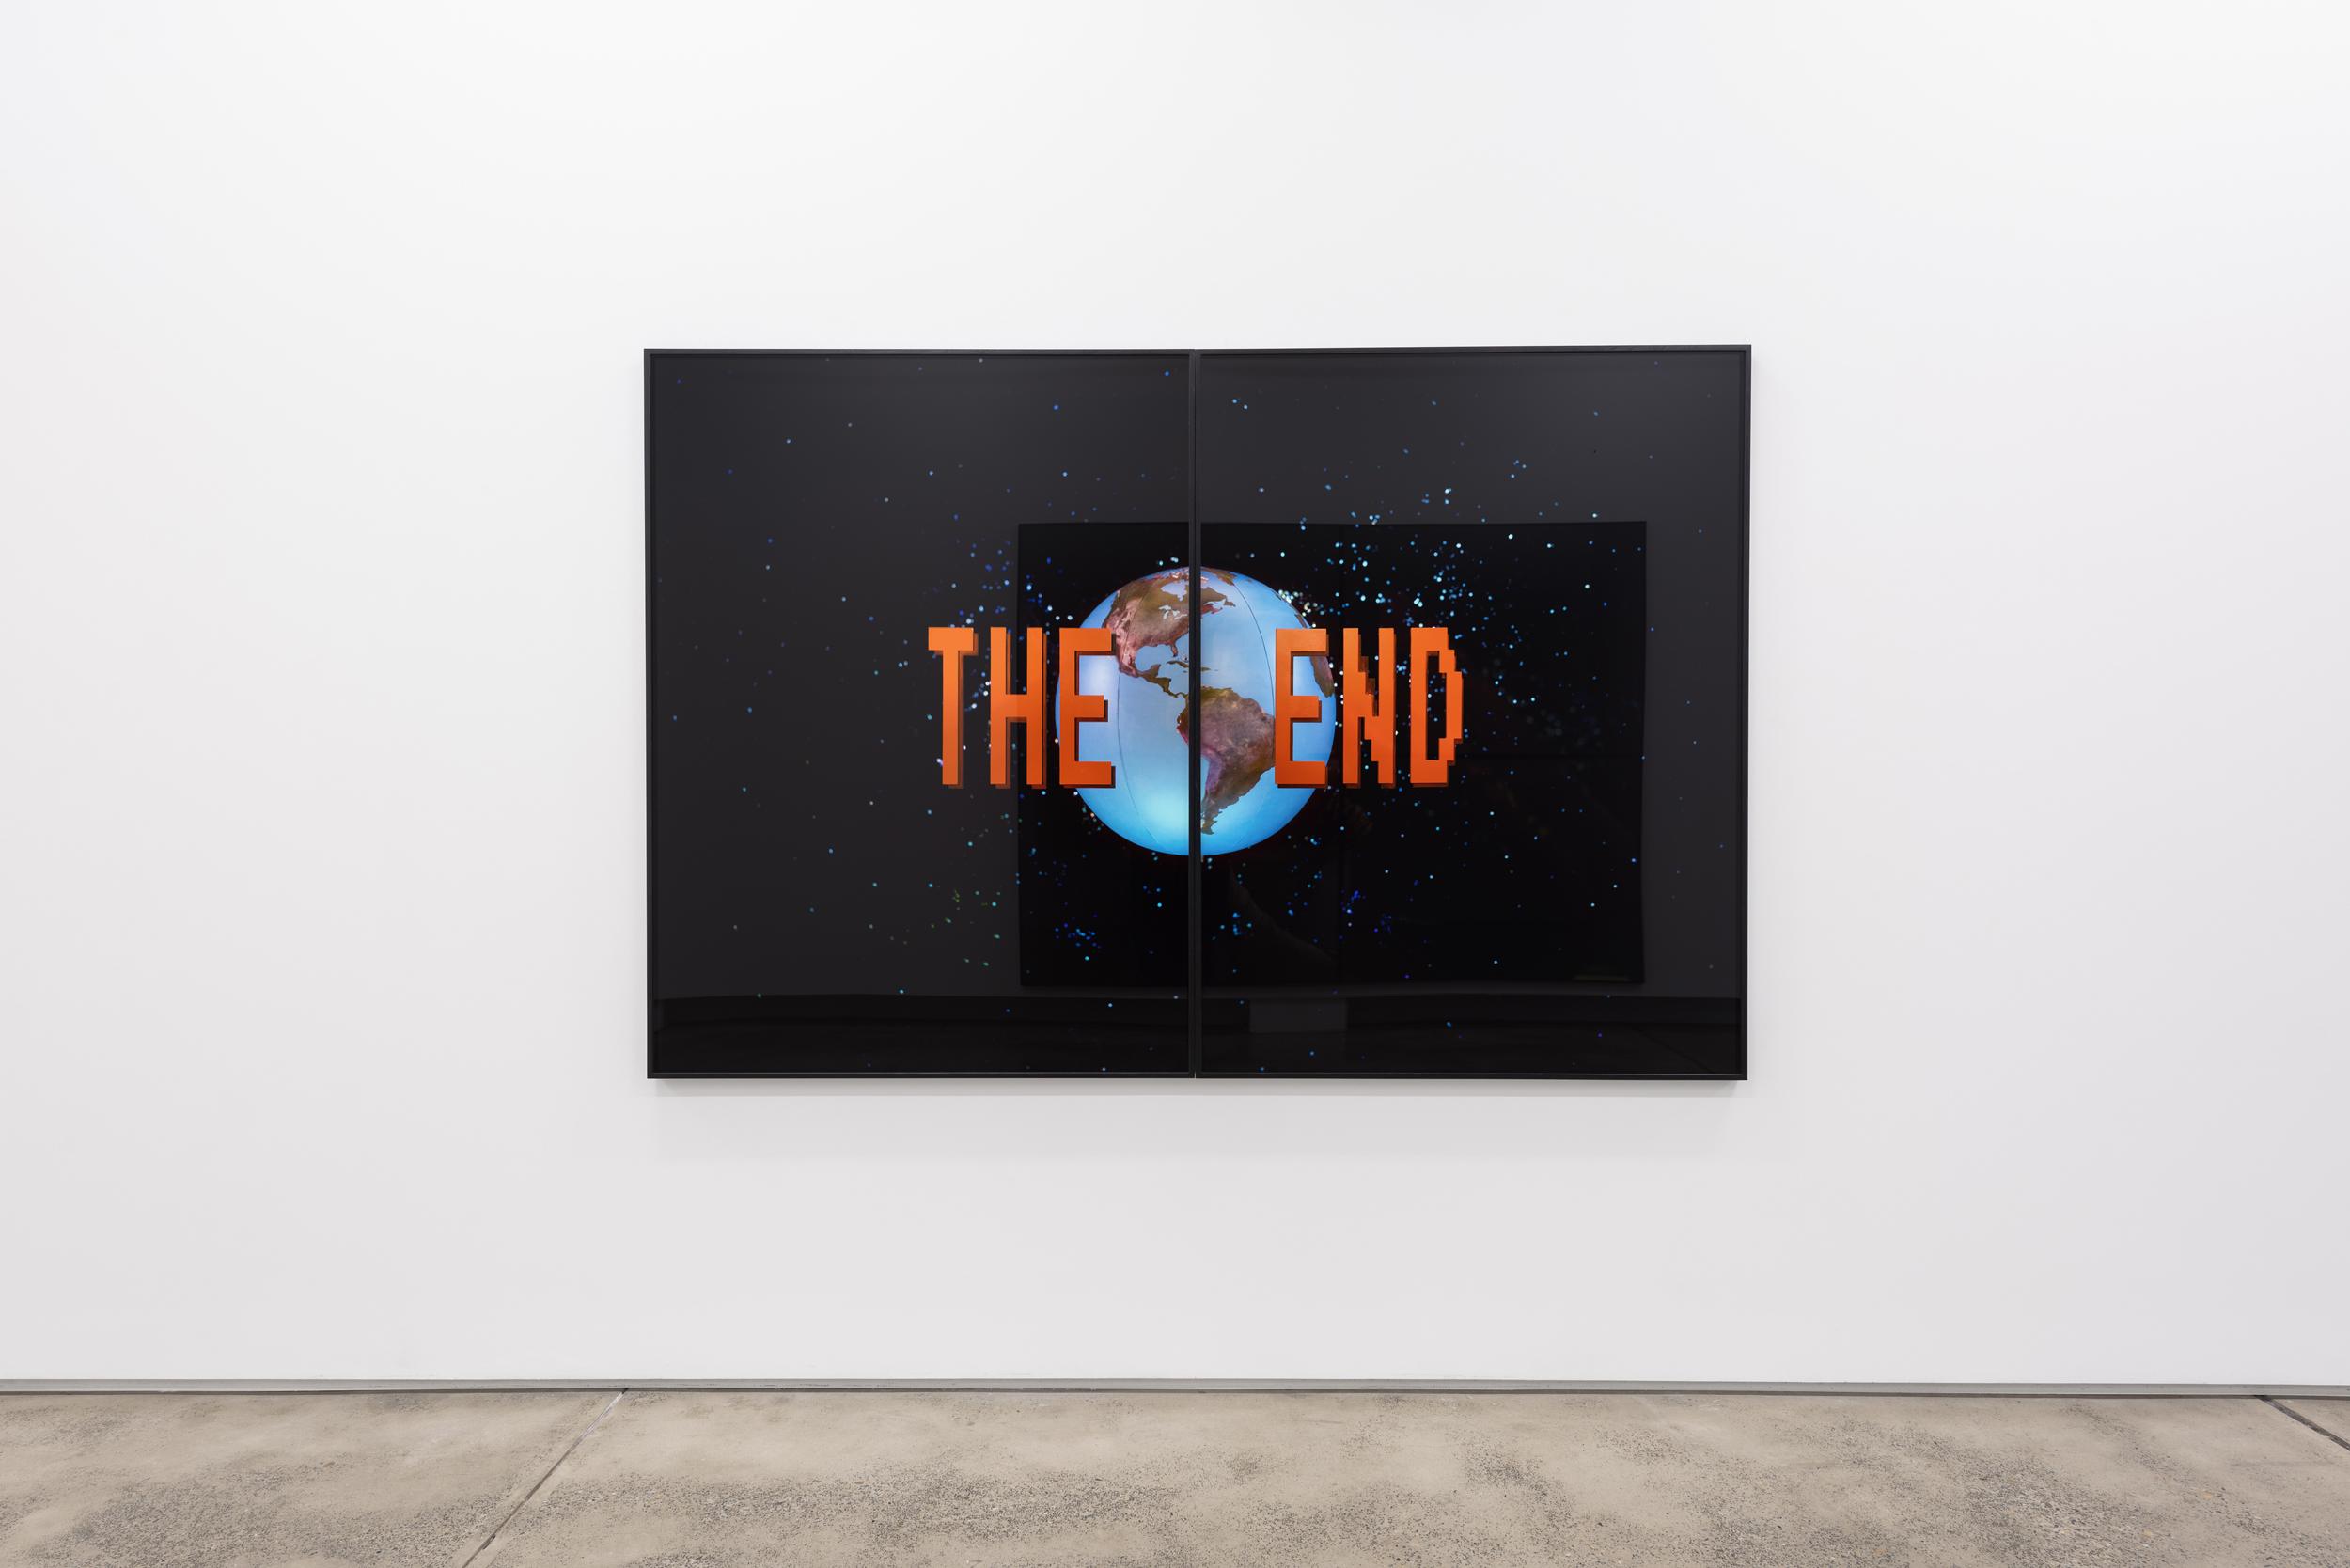 Darren Sylvester,  The End , 2018, 90 x 120 lightjet print